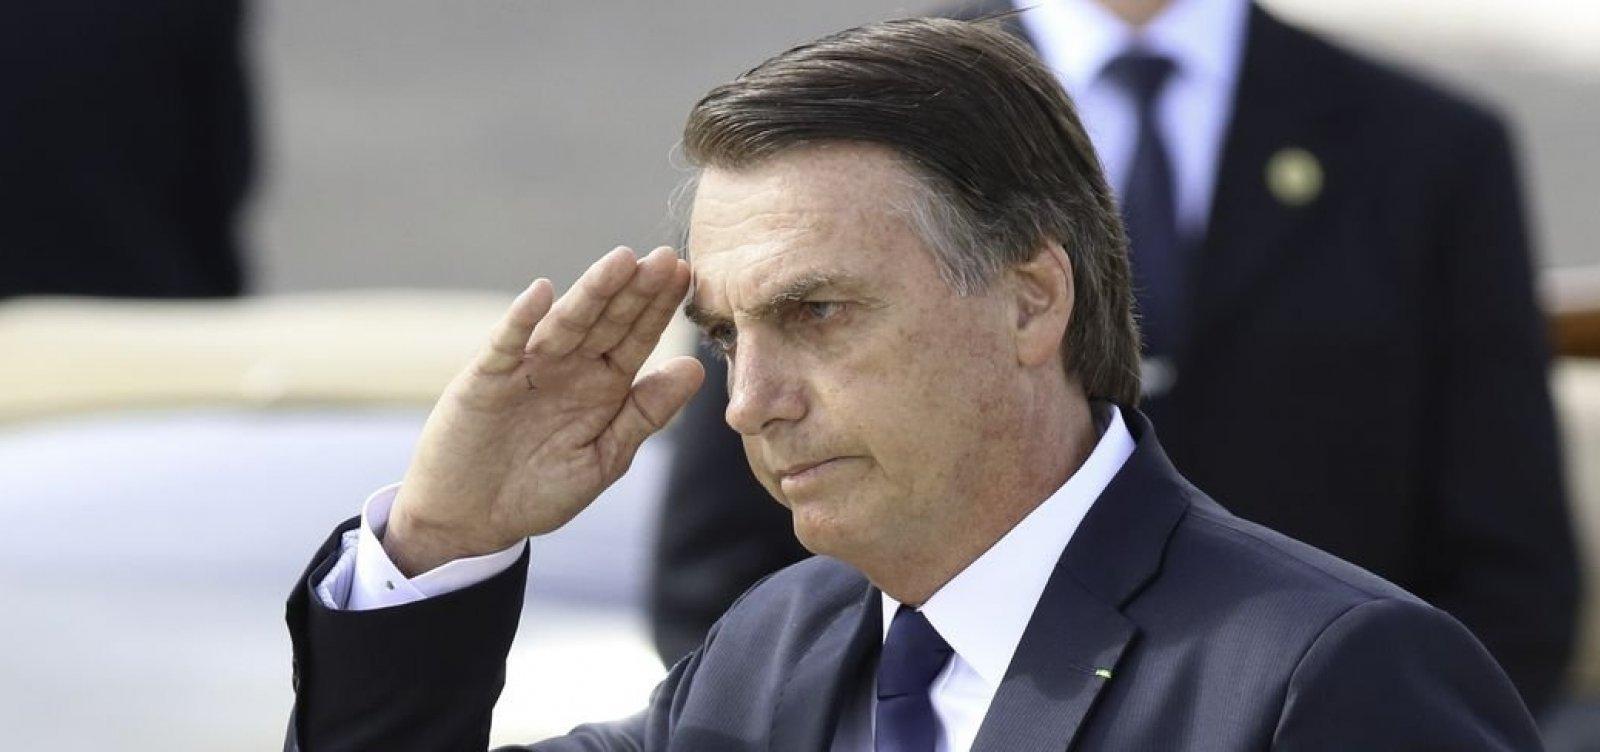 [Depois de decidir por troca, Bolsonaro deve entregar a militar comando da Secretaria de Comunicação]